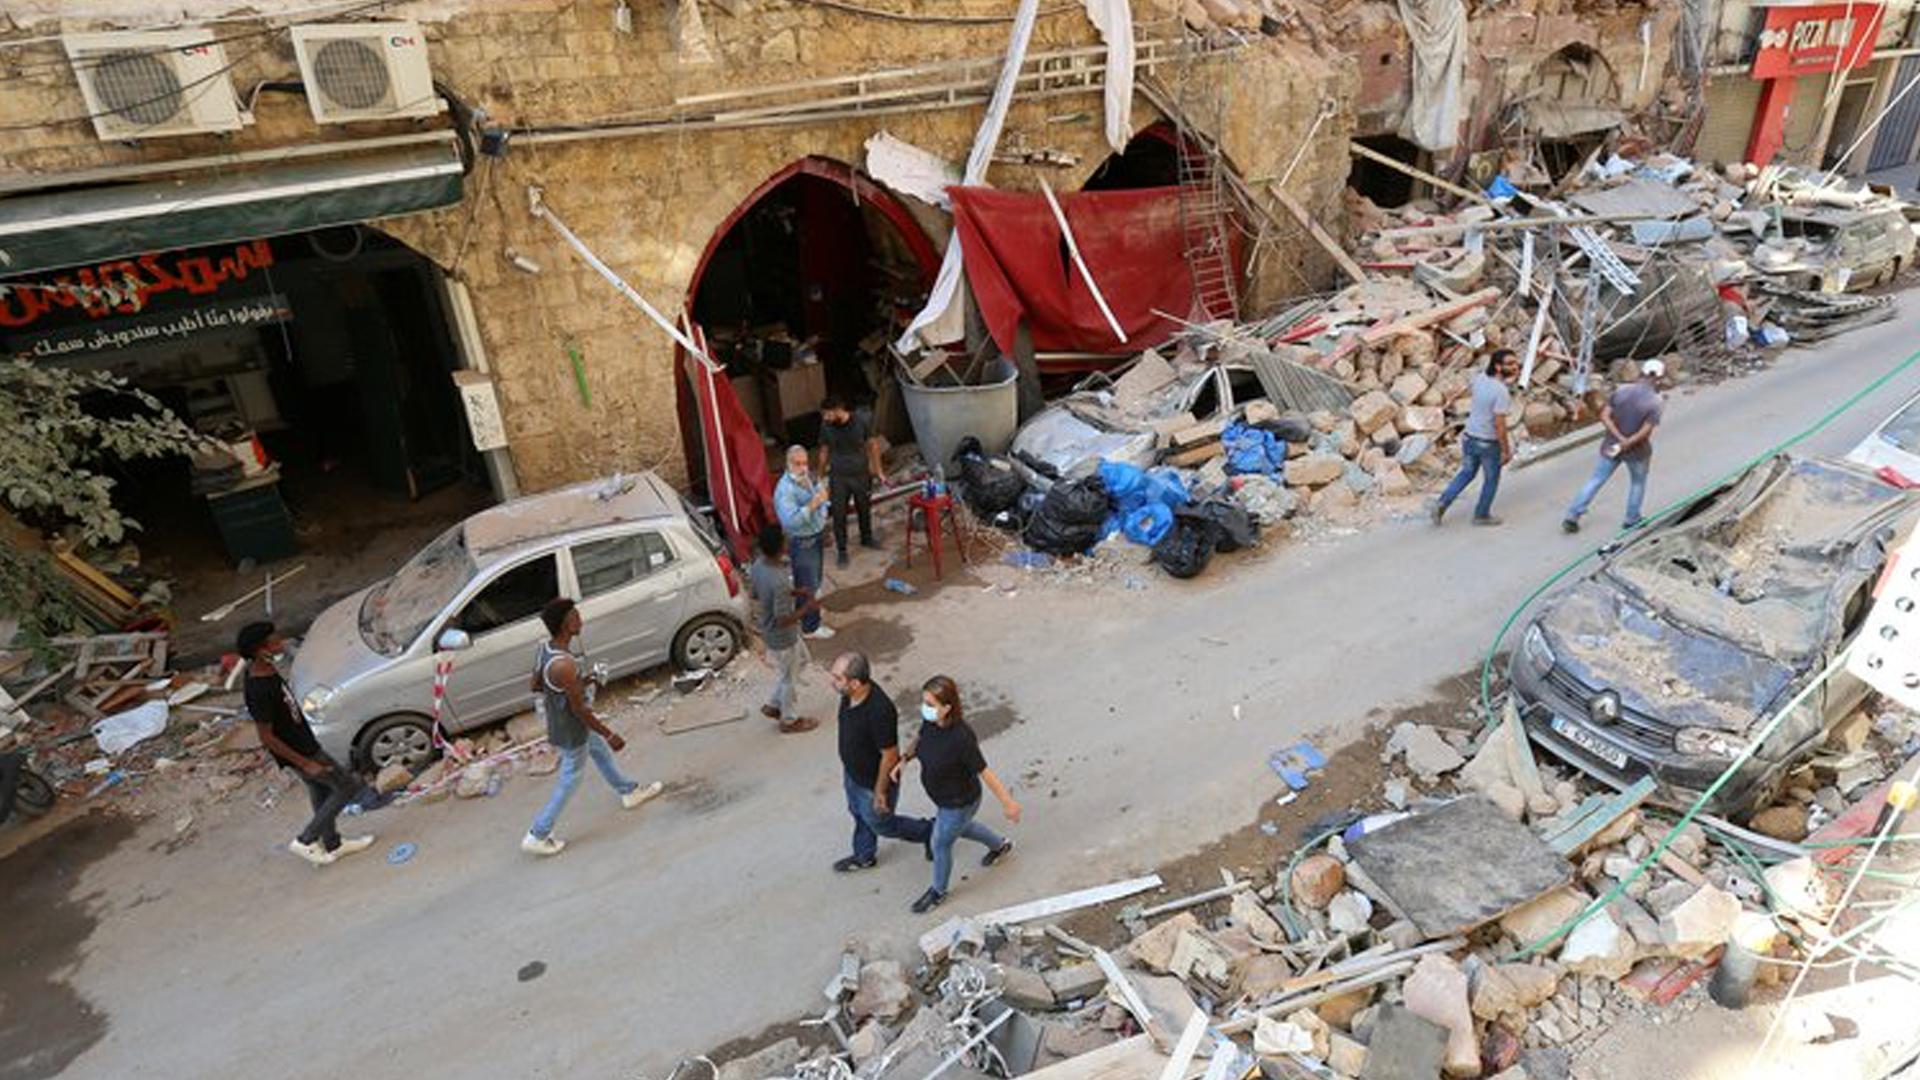 Cifra oficial de fallecidos por explosión en Beirut se eleva a 154